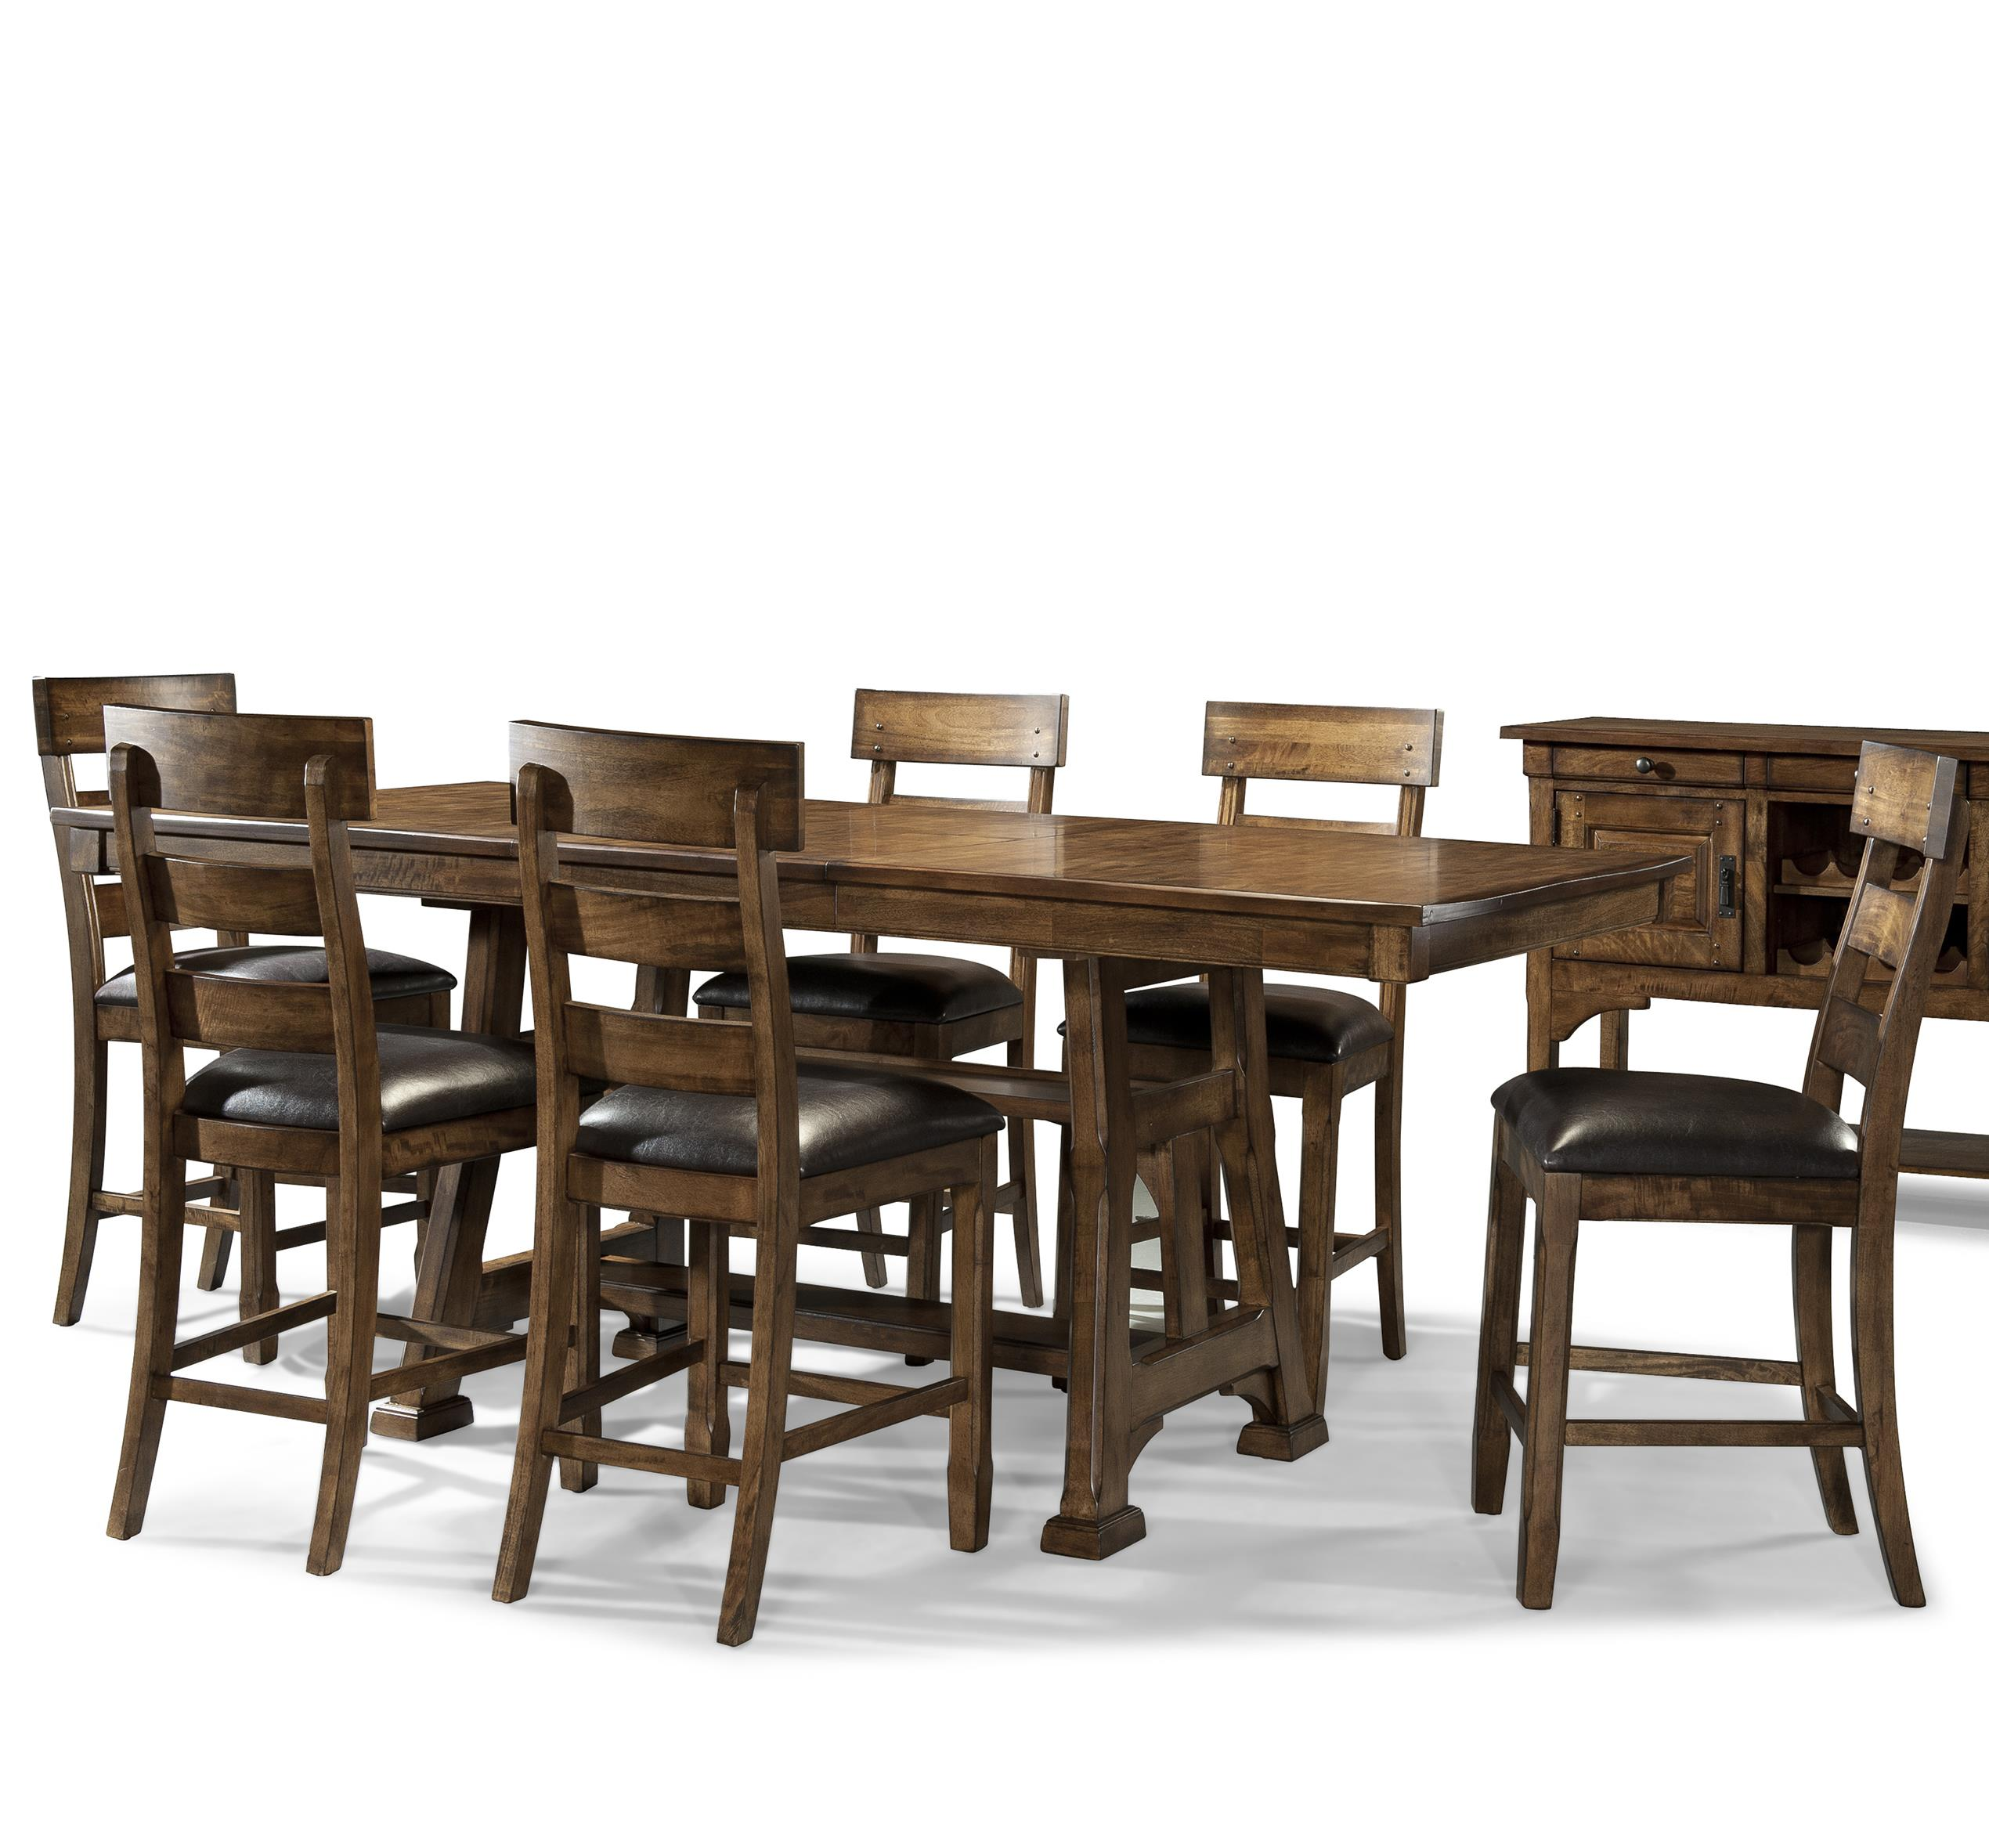 AAmerica Ozark 7 Piece Trestle Pub Table and Stool Set - Item Number: OZA-MA-6-70-0+6x3-45-K